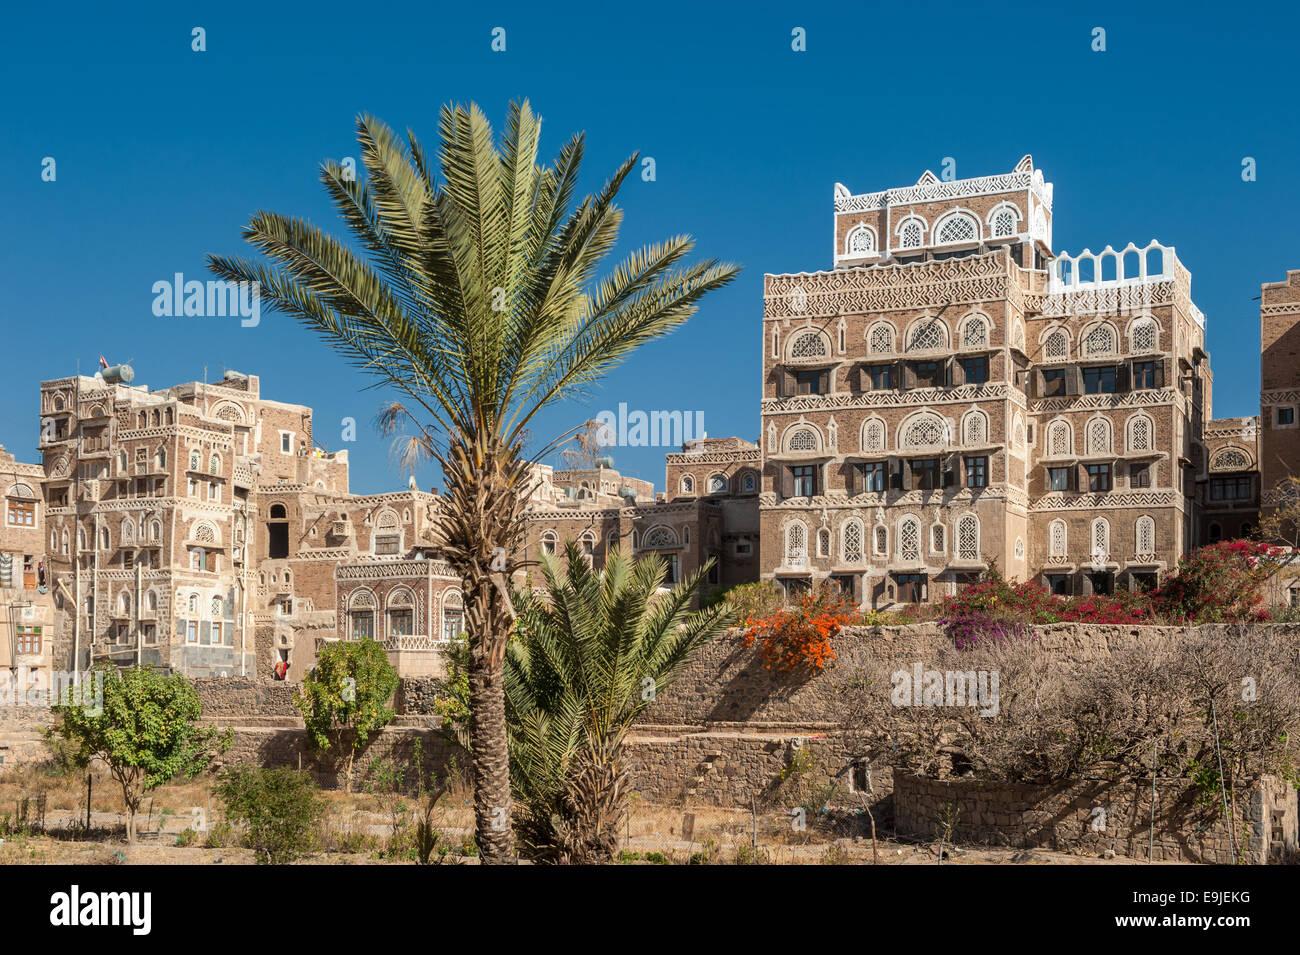 Streets of Sanaa, Yemen - Stock Image